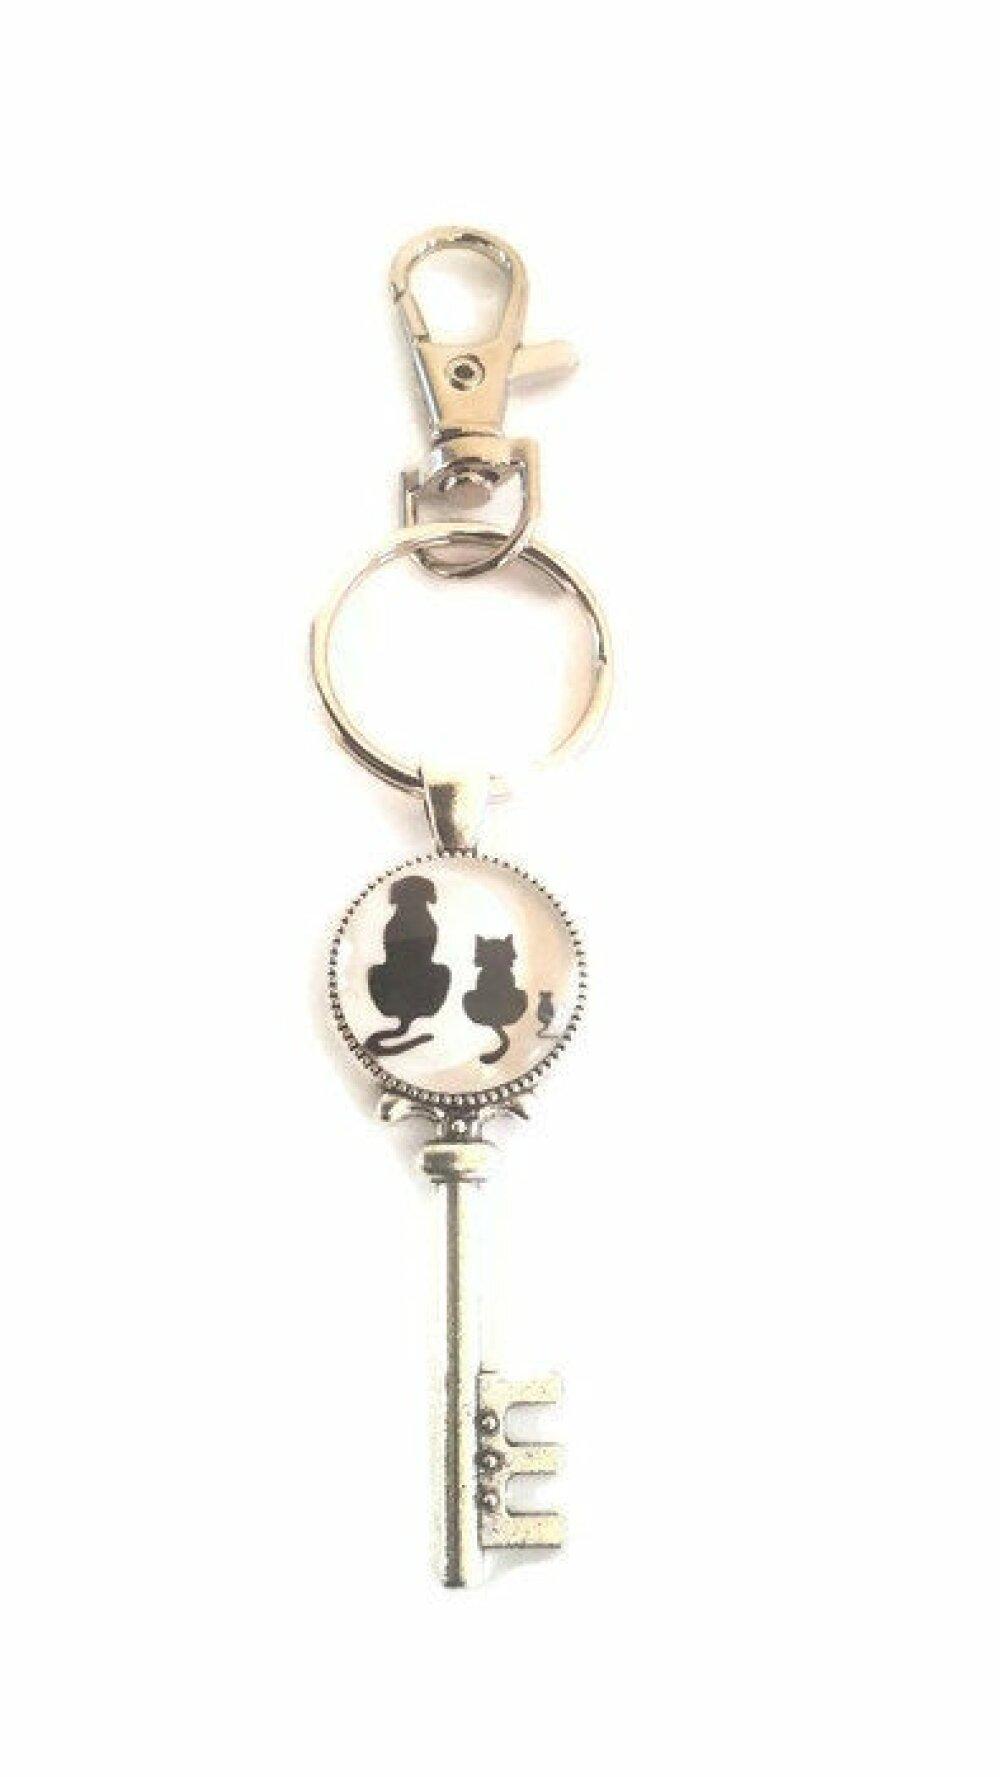 Porte clé à cabochon de verre chien chat et souris  silhouettes noires sur fond blanc